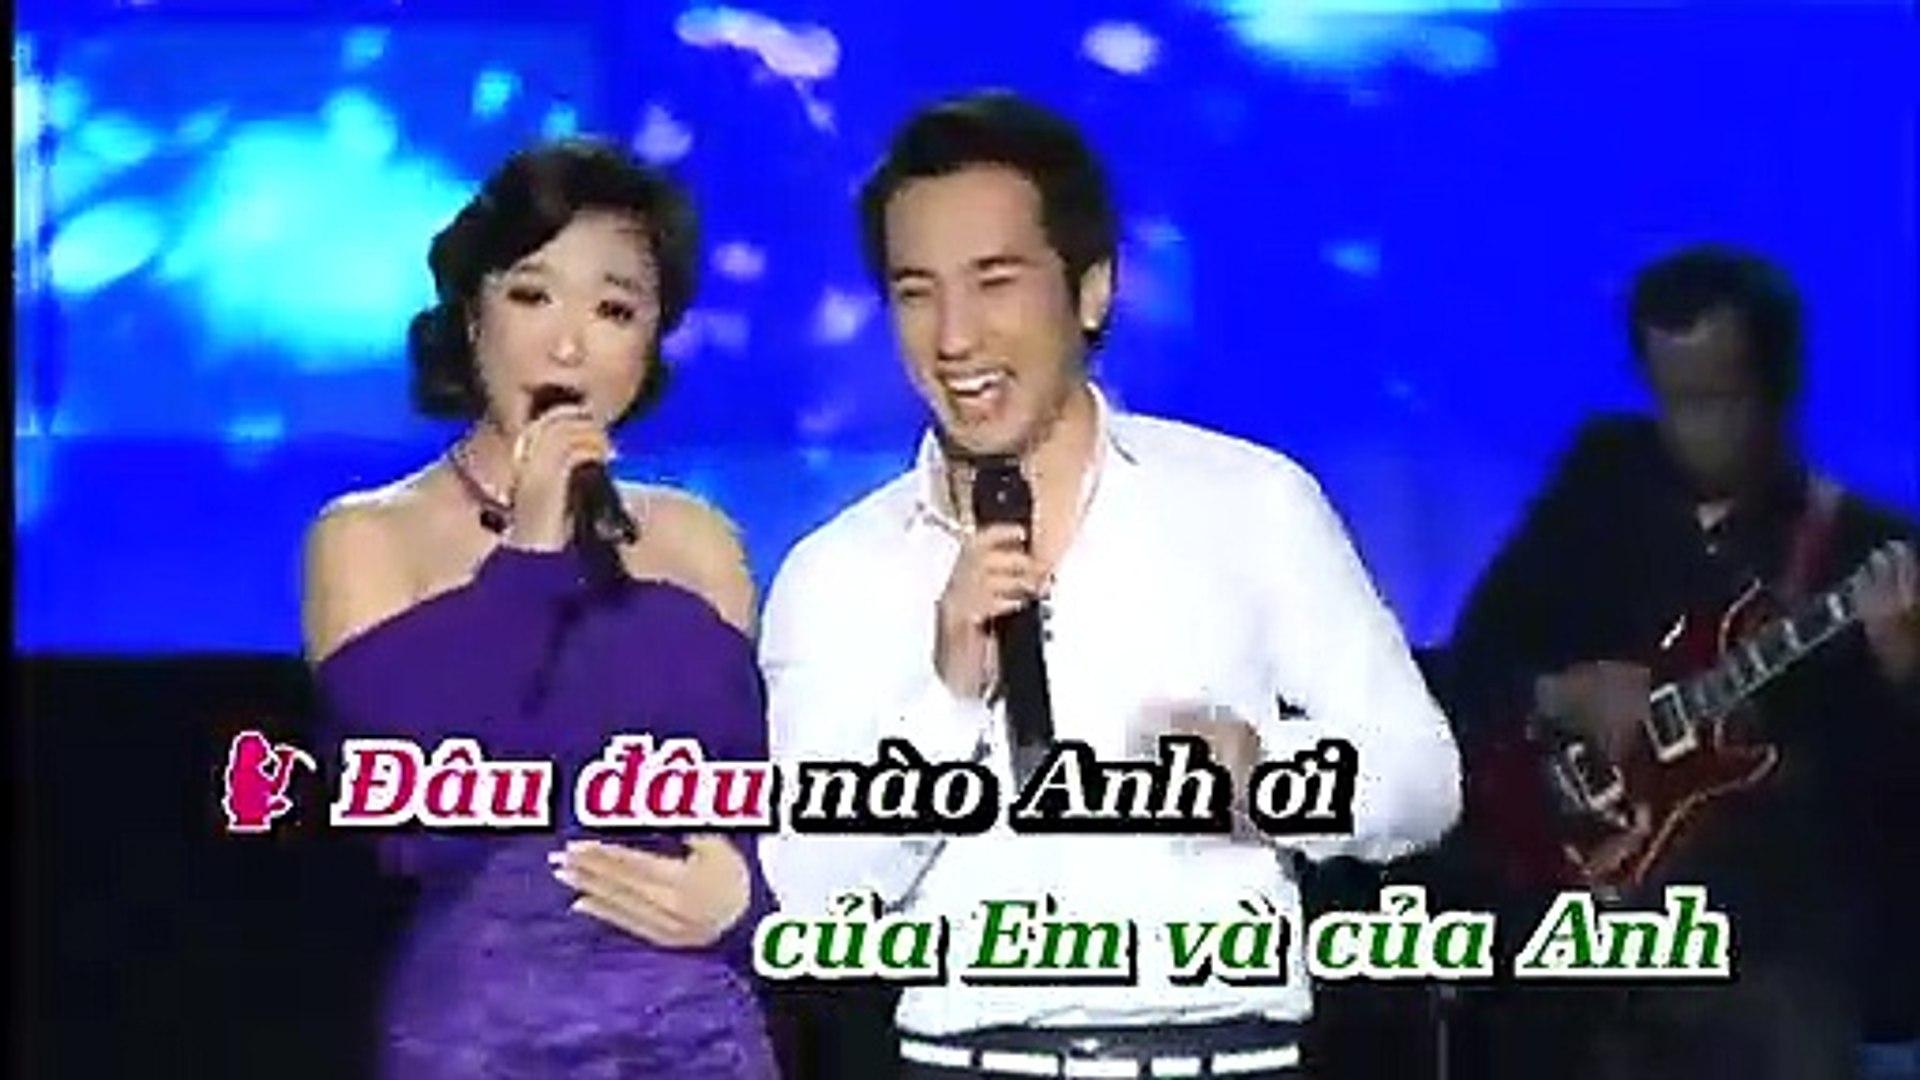 [Karaoke] Túp Lều Lý Tưởng - Quốc Khanh Ft. Hà Thanh Xuân [Beat]